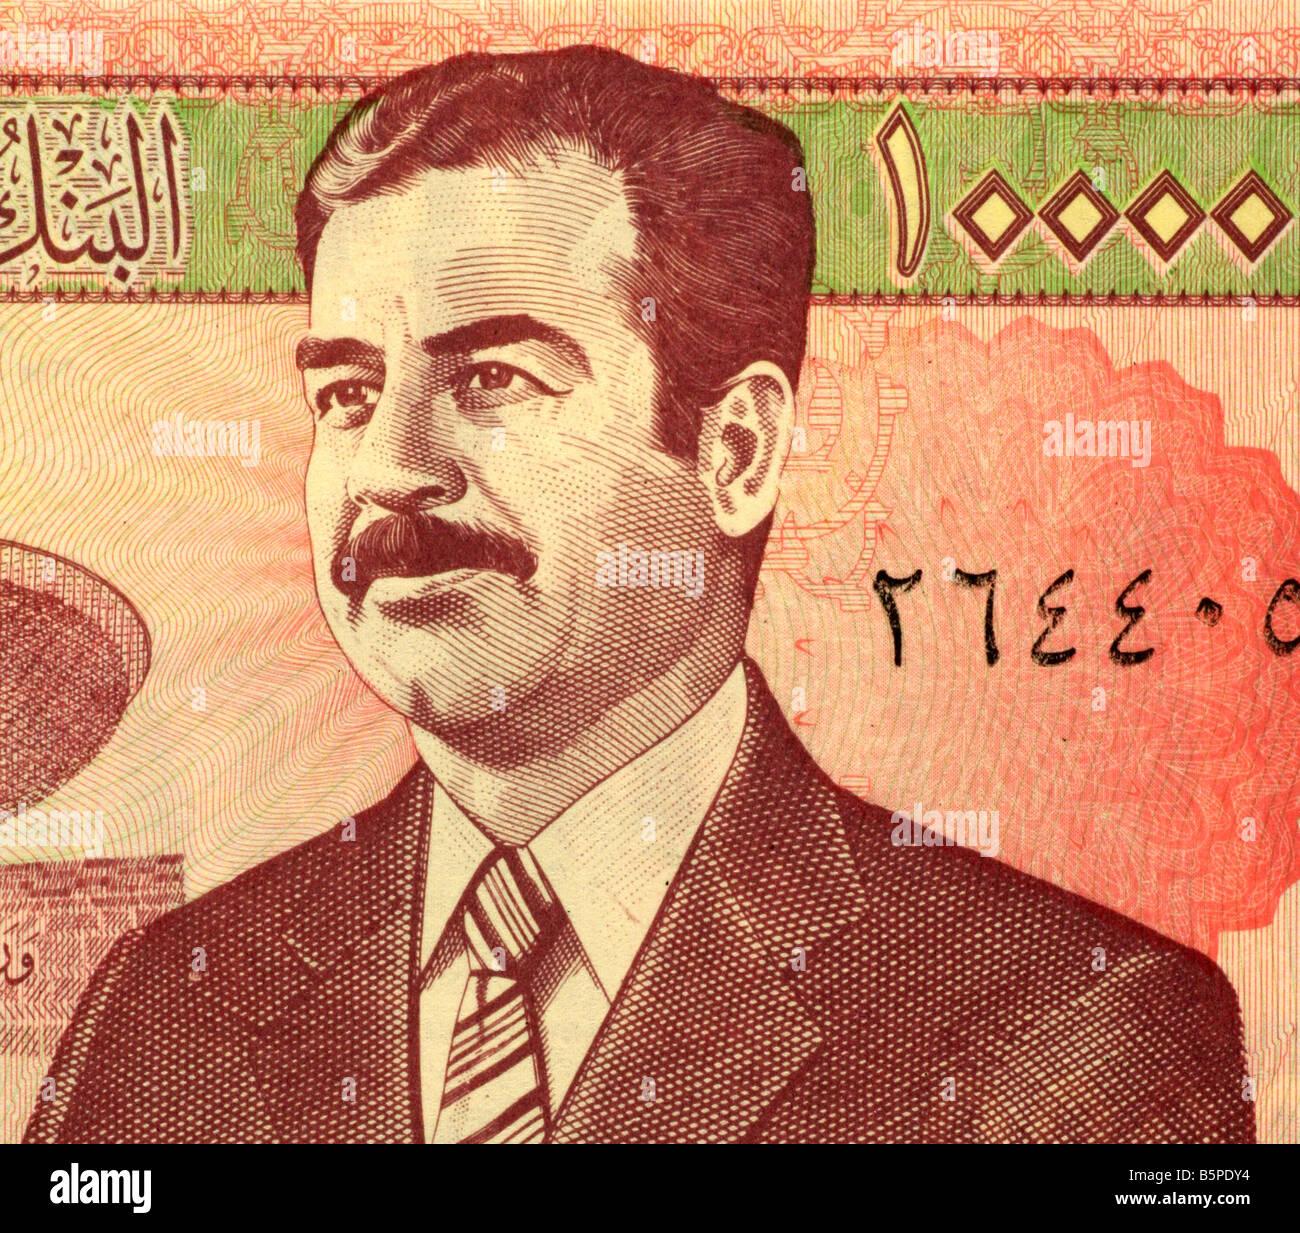 Saddam Hussein el 10 de 000 billetes de dinares de Irak Foto de stock